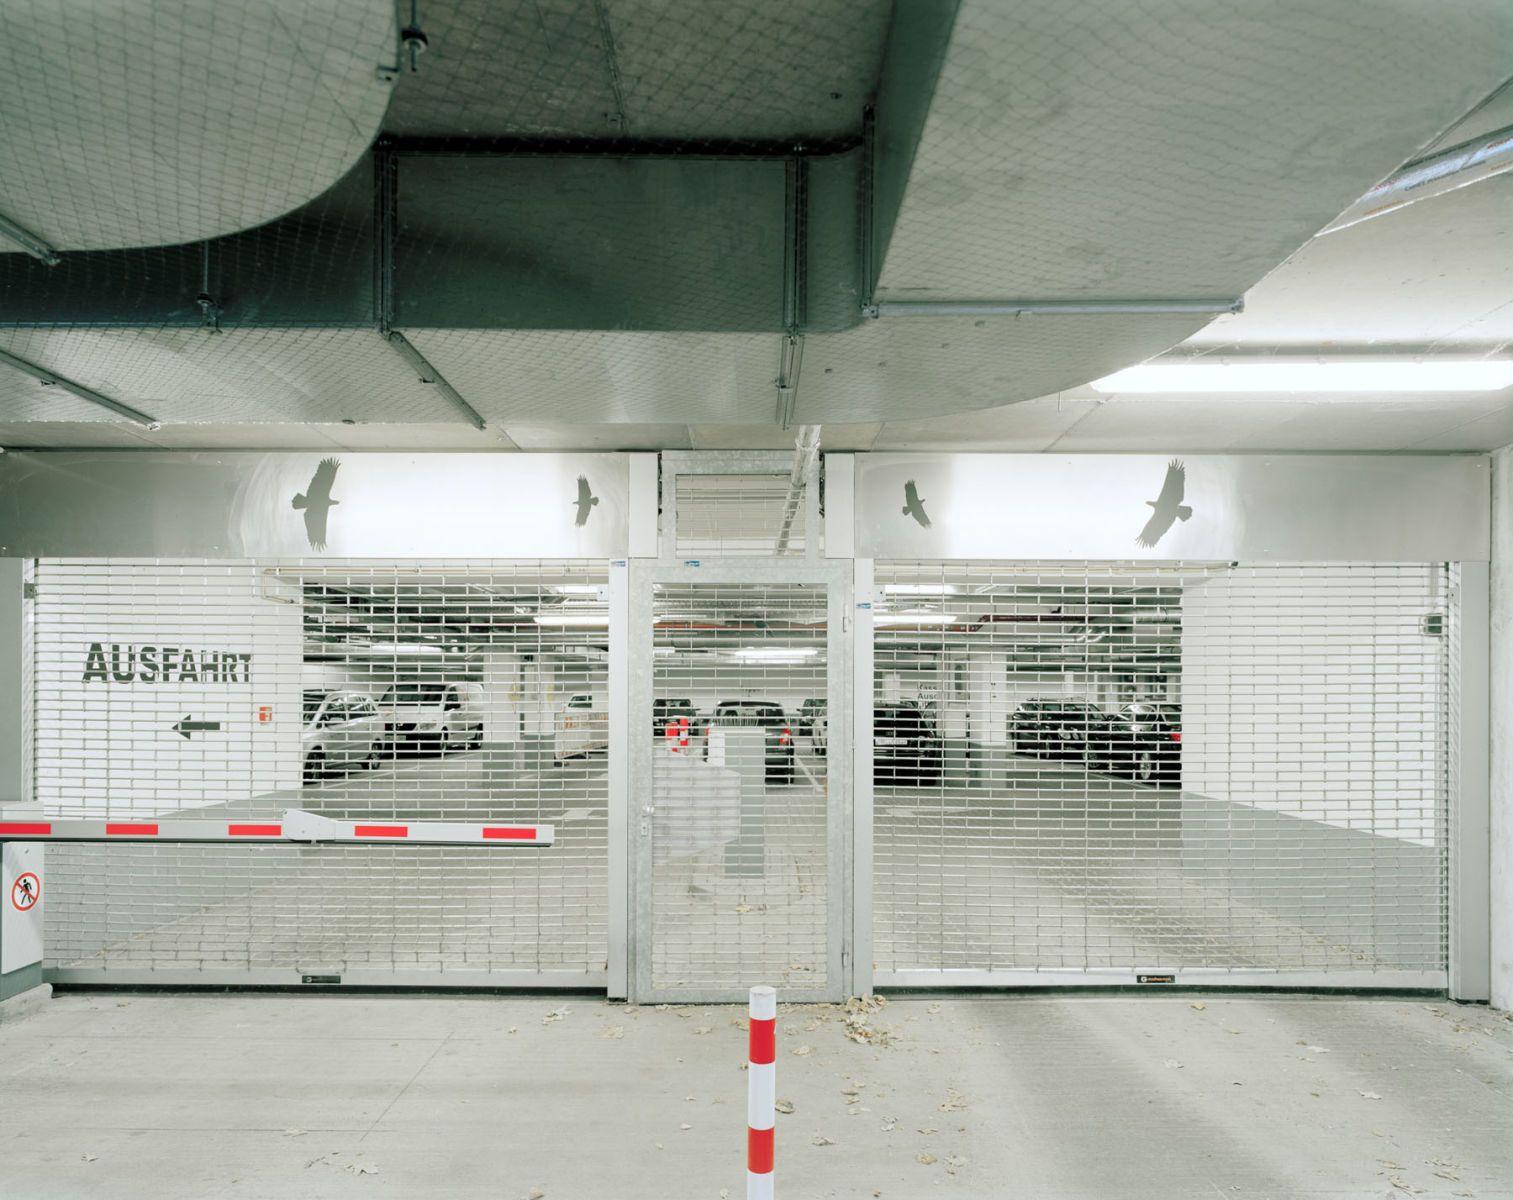 4_0_456_1marienkrankenhaus_hamburg_001.jpg